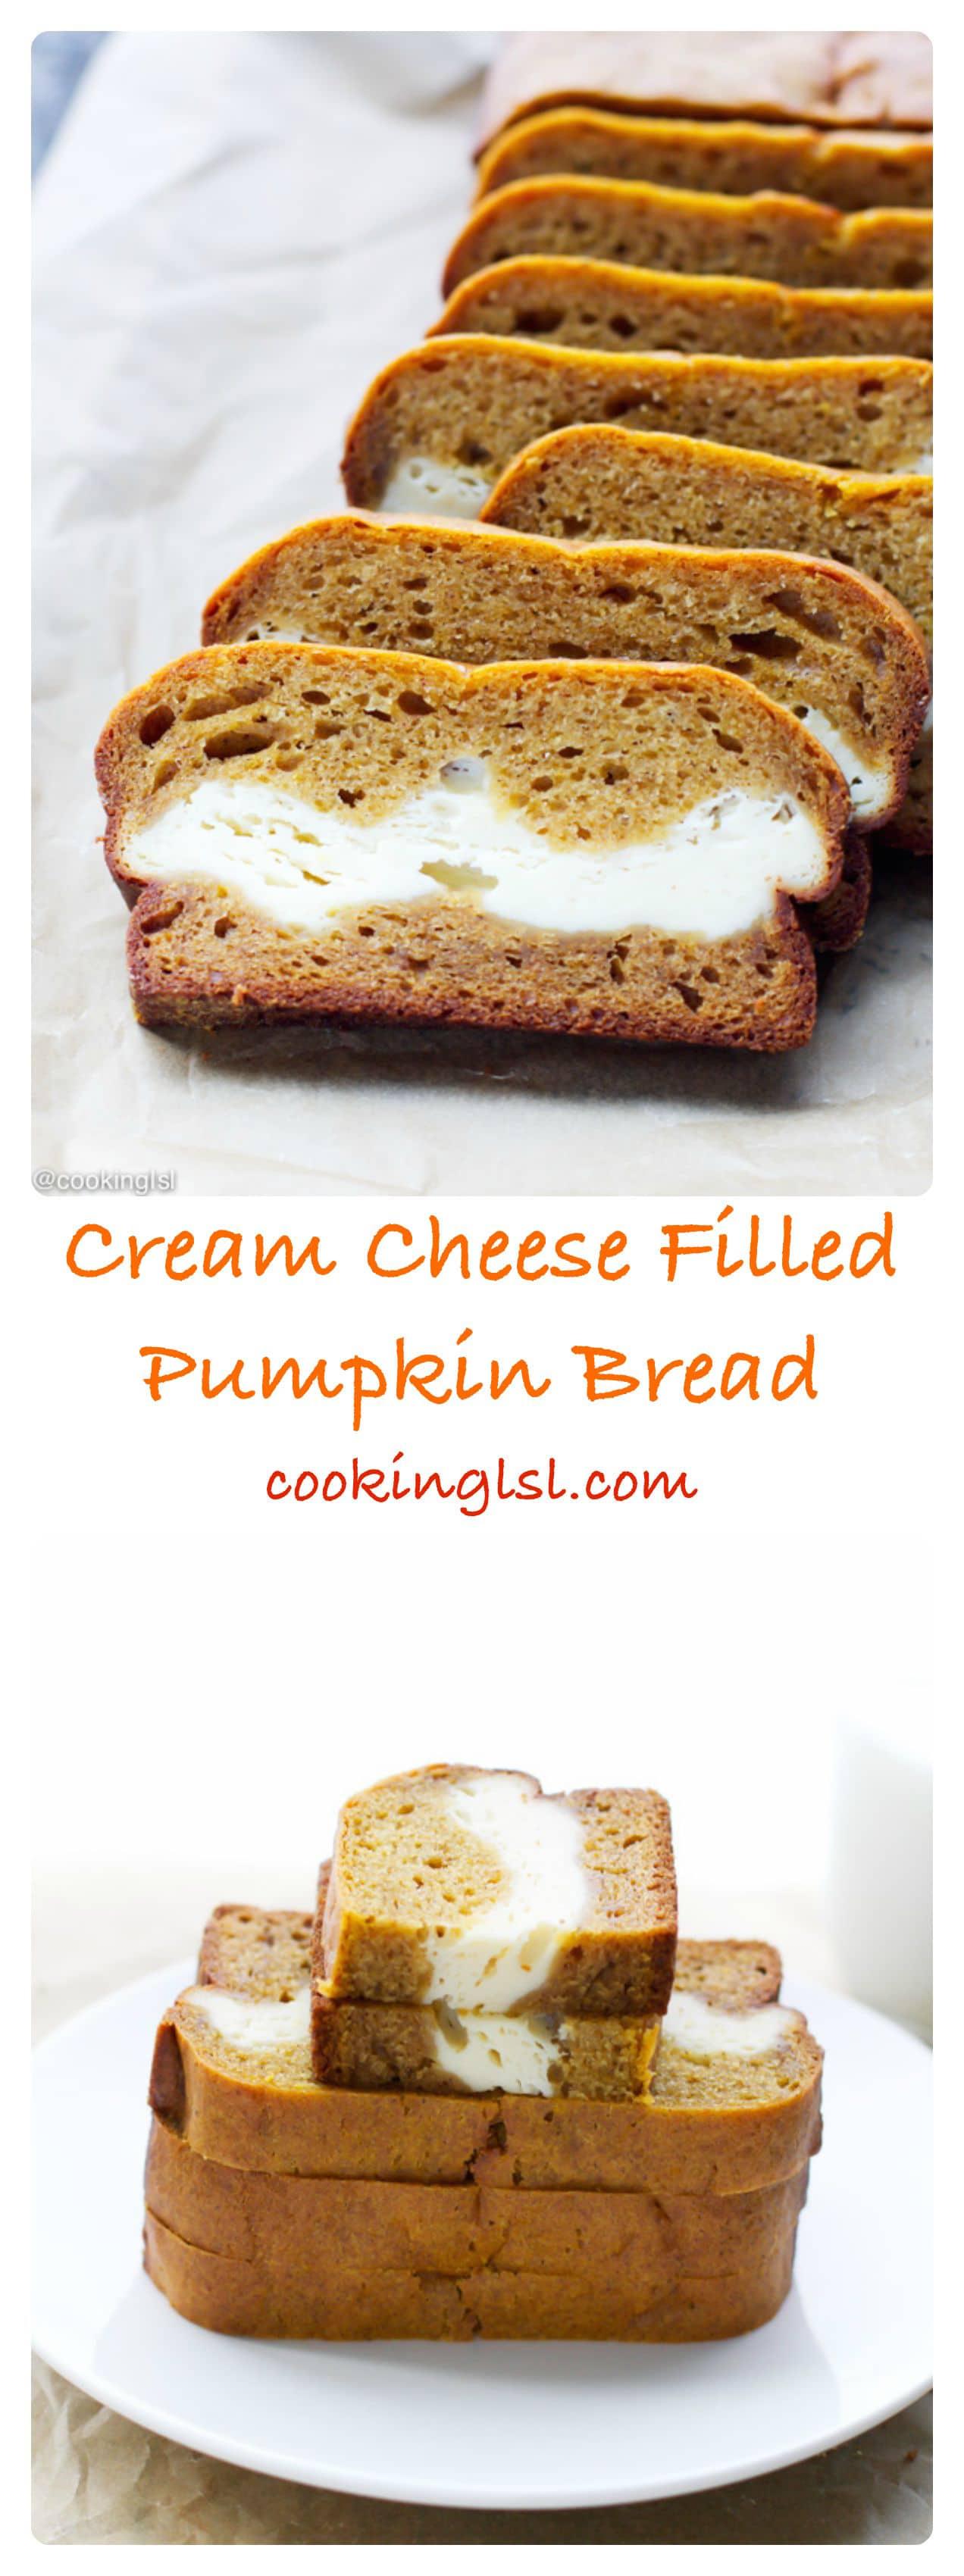 cream-cheese-filled-pumpkin-bread-recipe